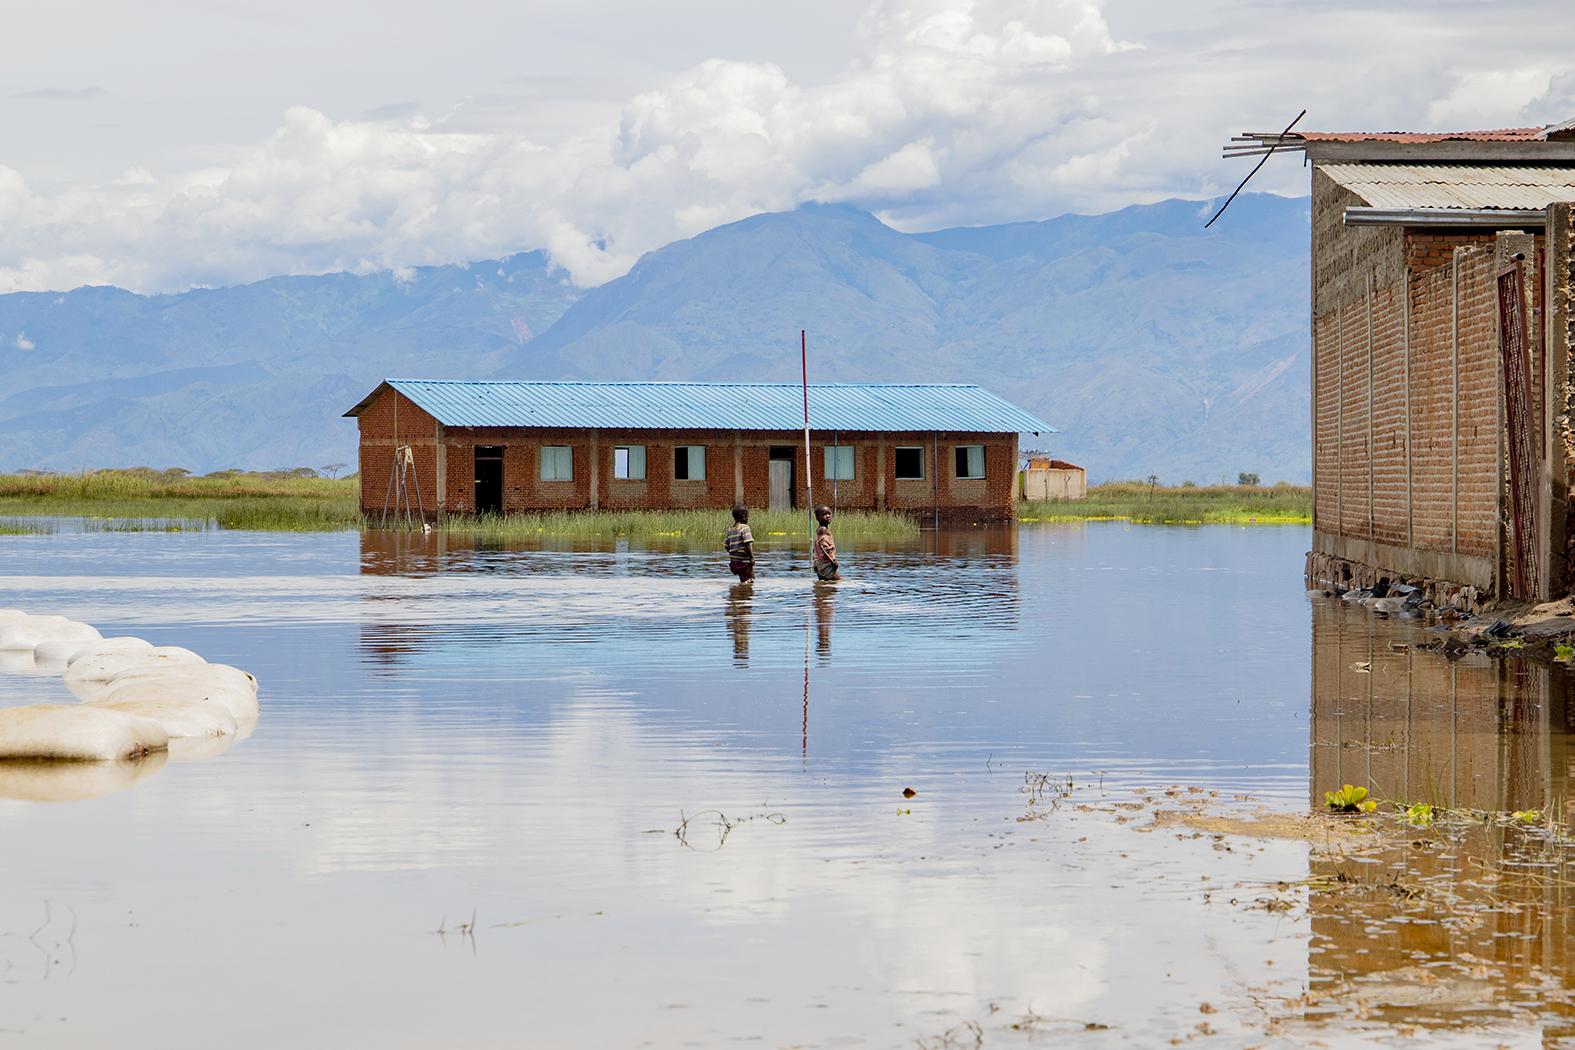 L'OIM Burundi distribue une aide d'urgence aux familles affectées par les inondations